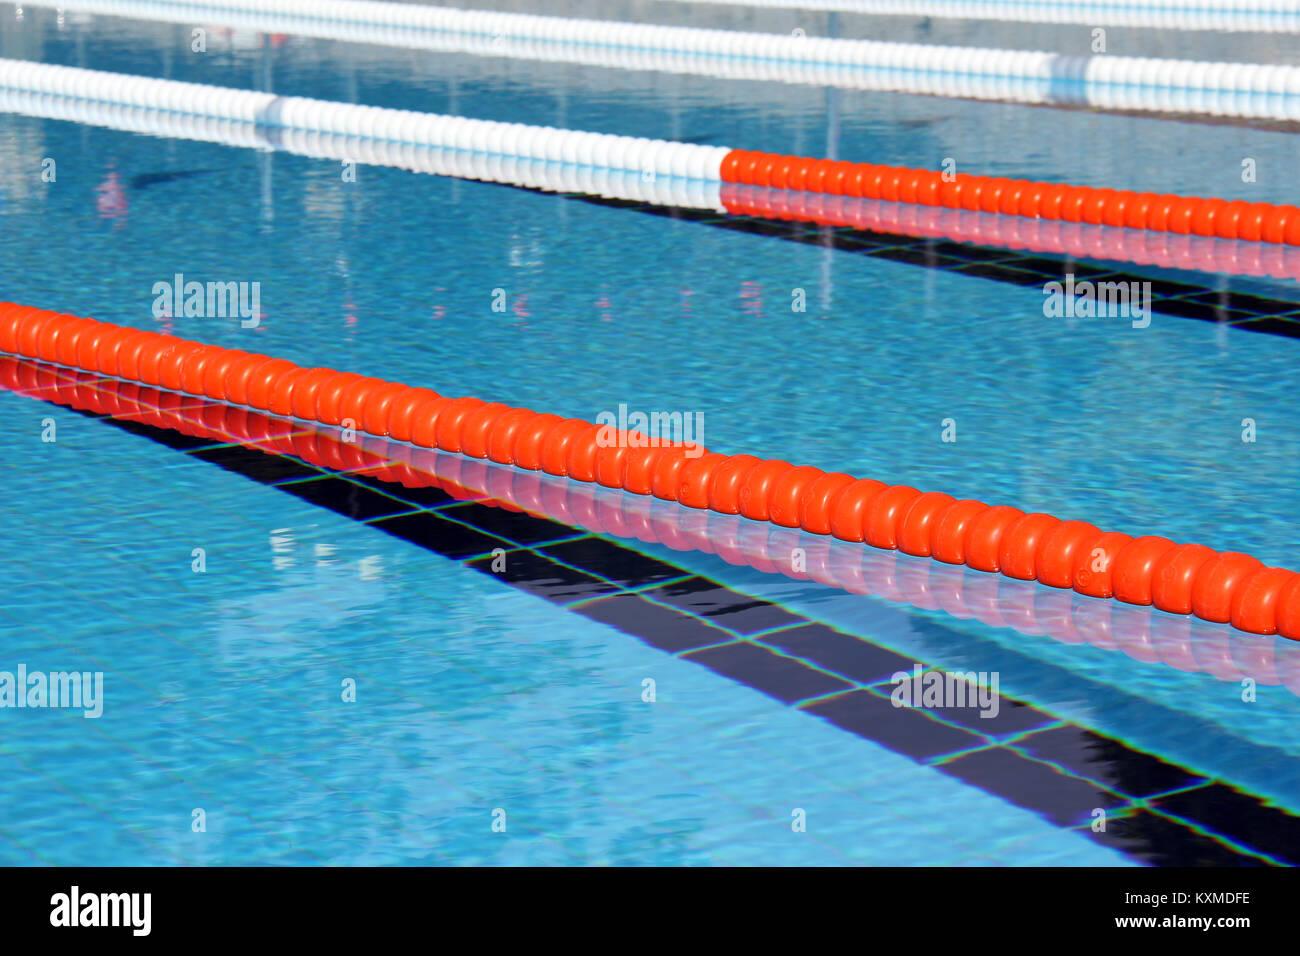 Swimming Lane Rope Stock Photos Amp Swimming Lane Rope Stock